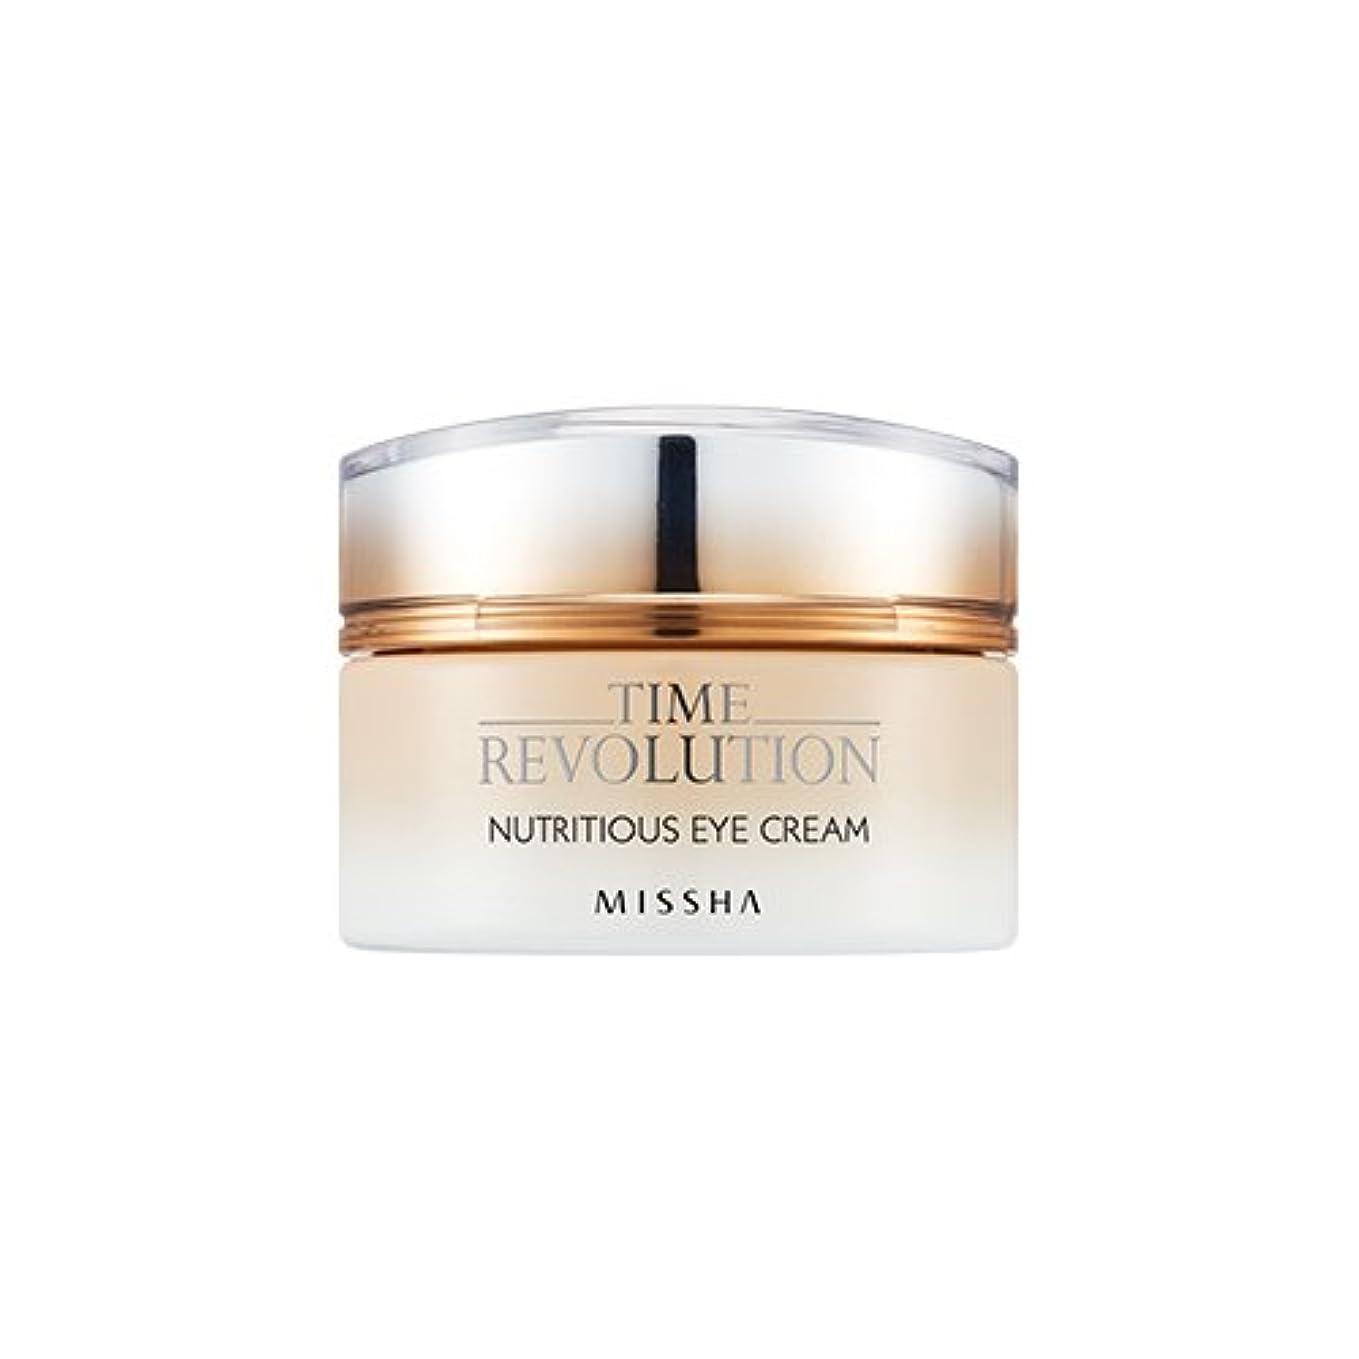 焦げ誕生日採用[New] MISSHA Time Revolution Nutritious Eye Cream 25ml/ミシャ タイム レボリューション ニュートリシャス アイクリーム 25ml [並行輸入品]